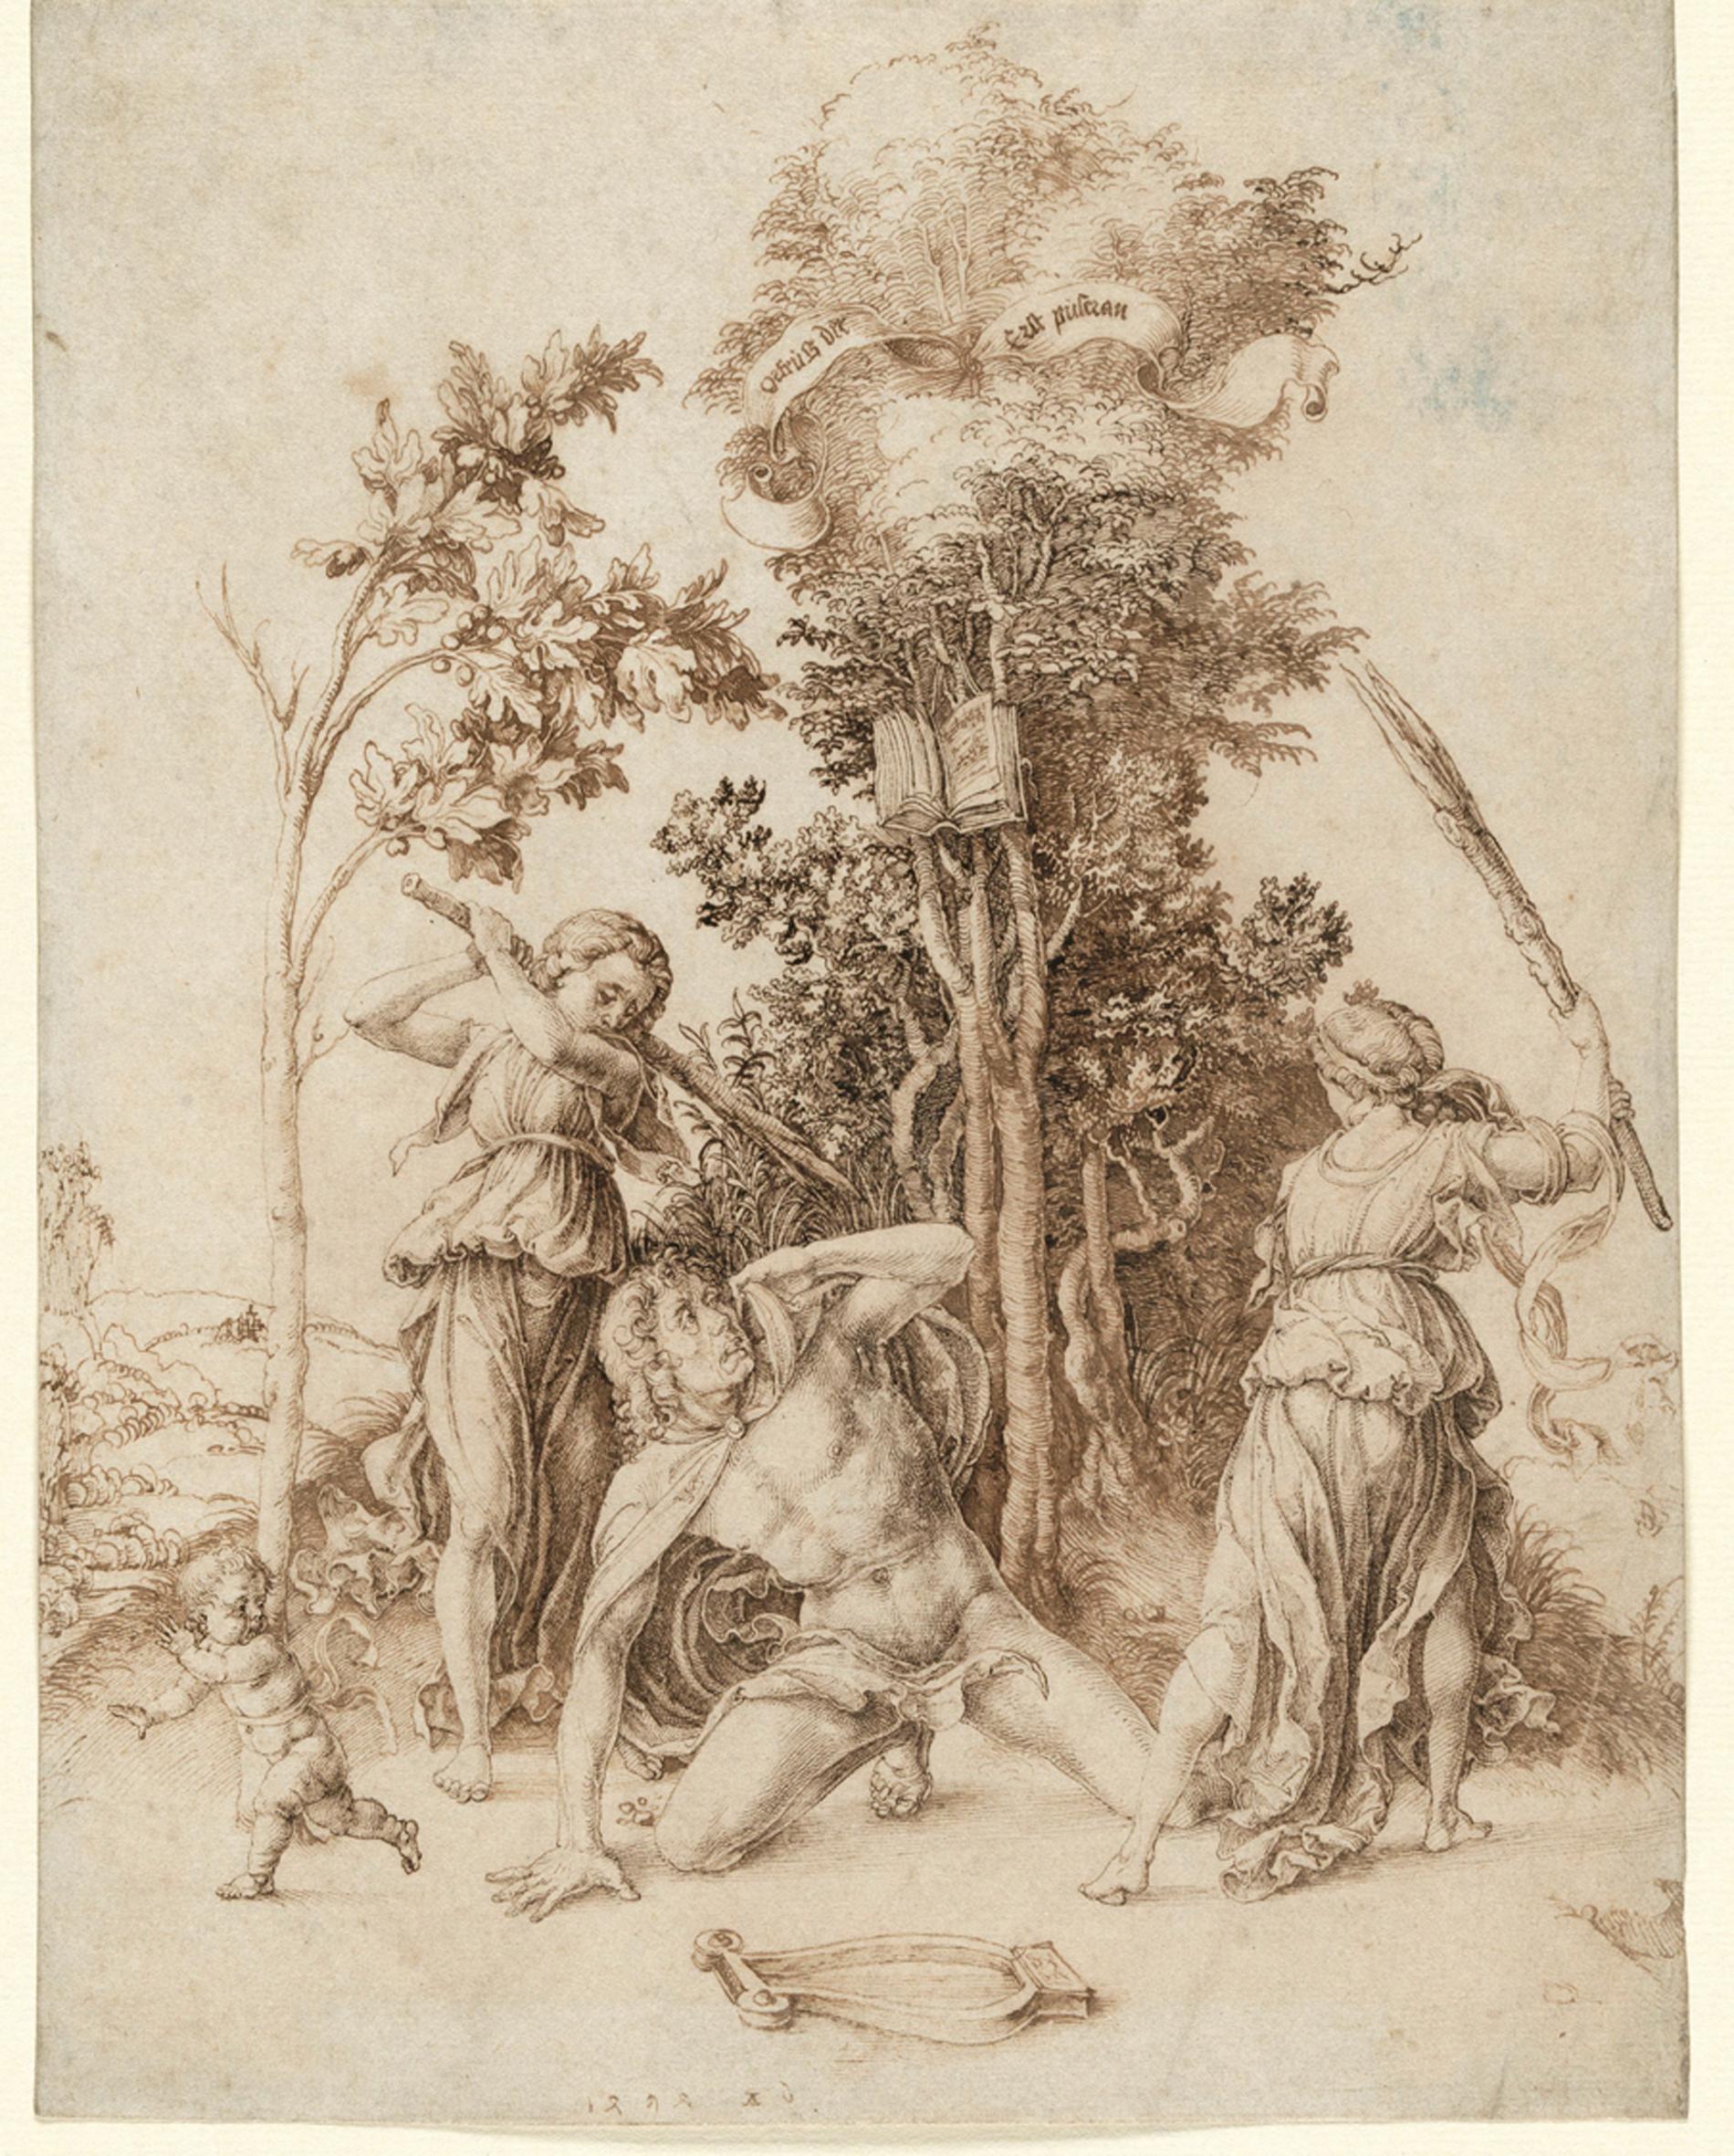 Albrecht Dürer, 1471 - 1528, Tod des Orpheus, 1494 Maße289 x 225 mm, Feder in Braun,  © Hamburger Kunsthalle / bpk Foto: Christoph Irrgang